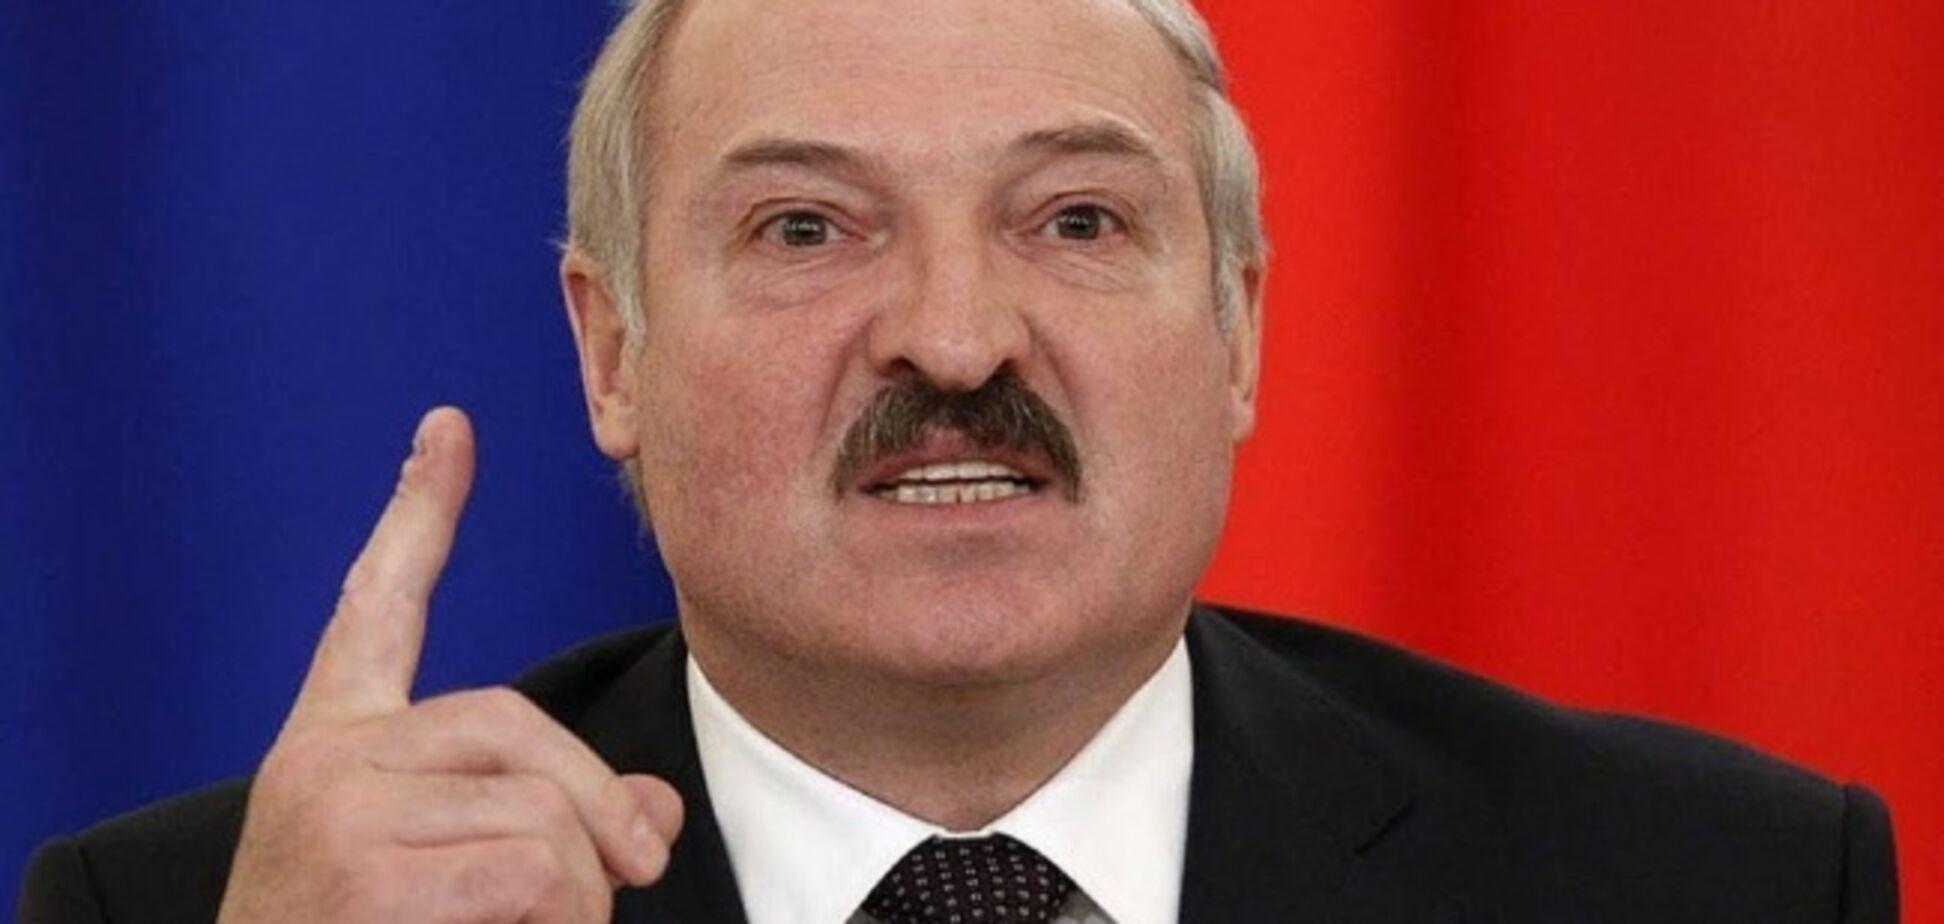 Уже не братья! Лукашенко сделал скандальное заявление об отношениях с Россией